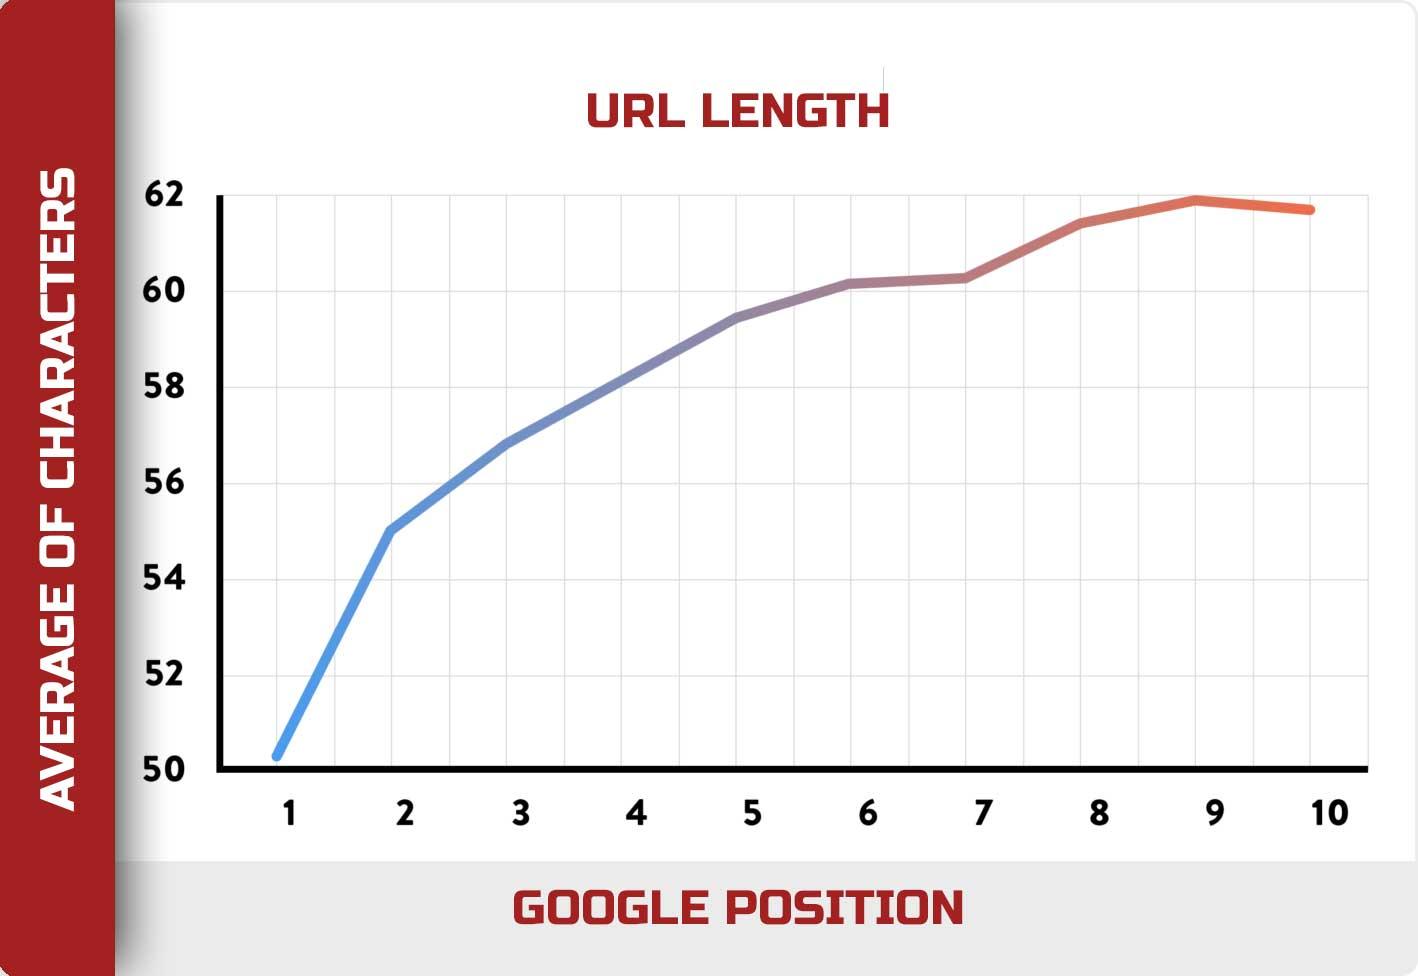 LENGTH OF URL